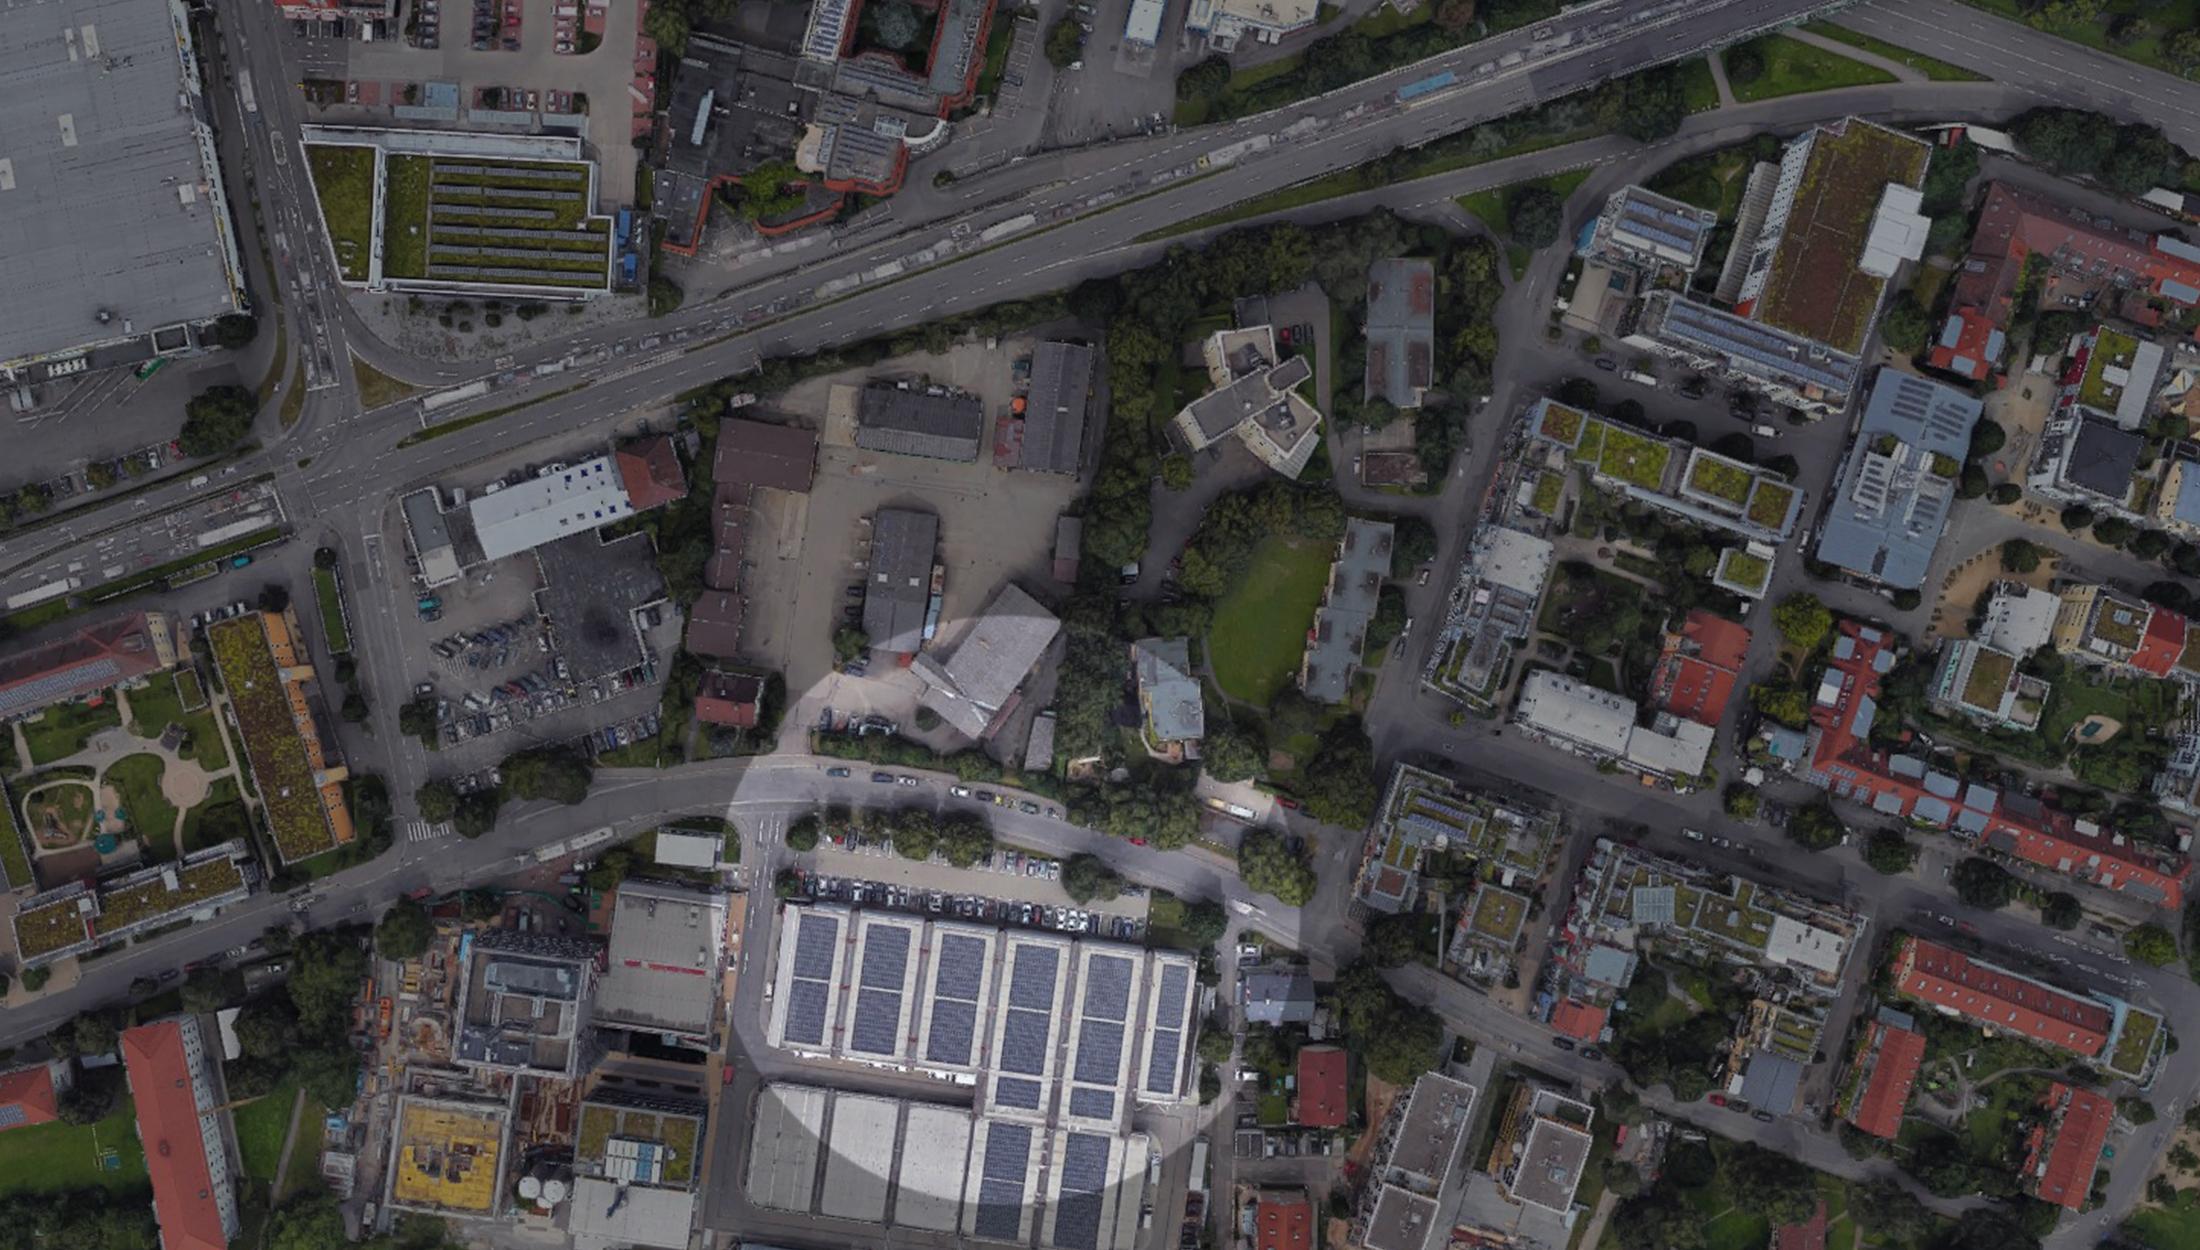 2021, Verfahrensbetreuung Parkhaus Stadtwerke, Tübingen